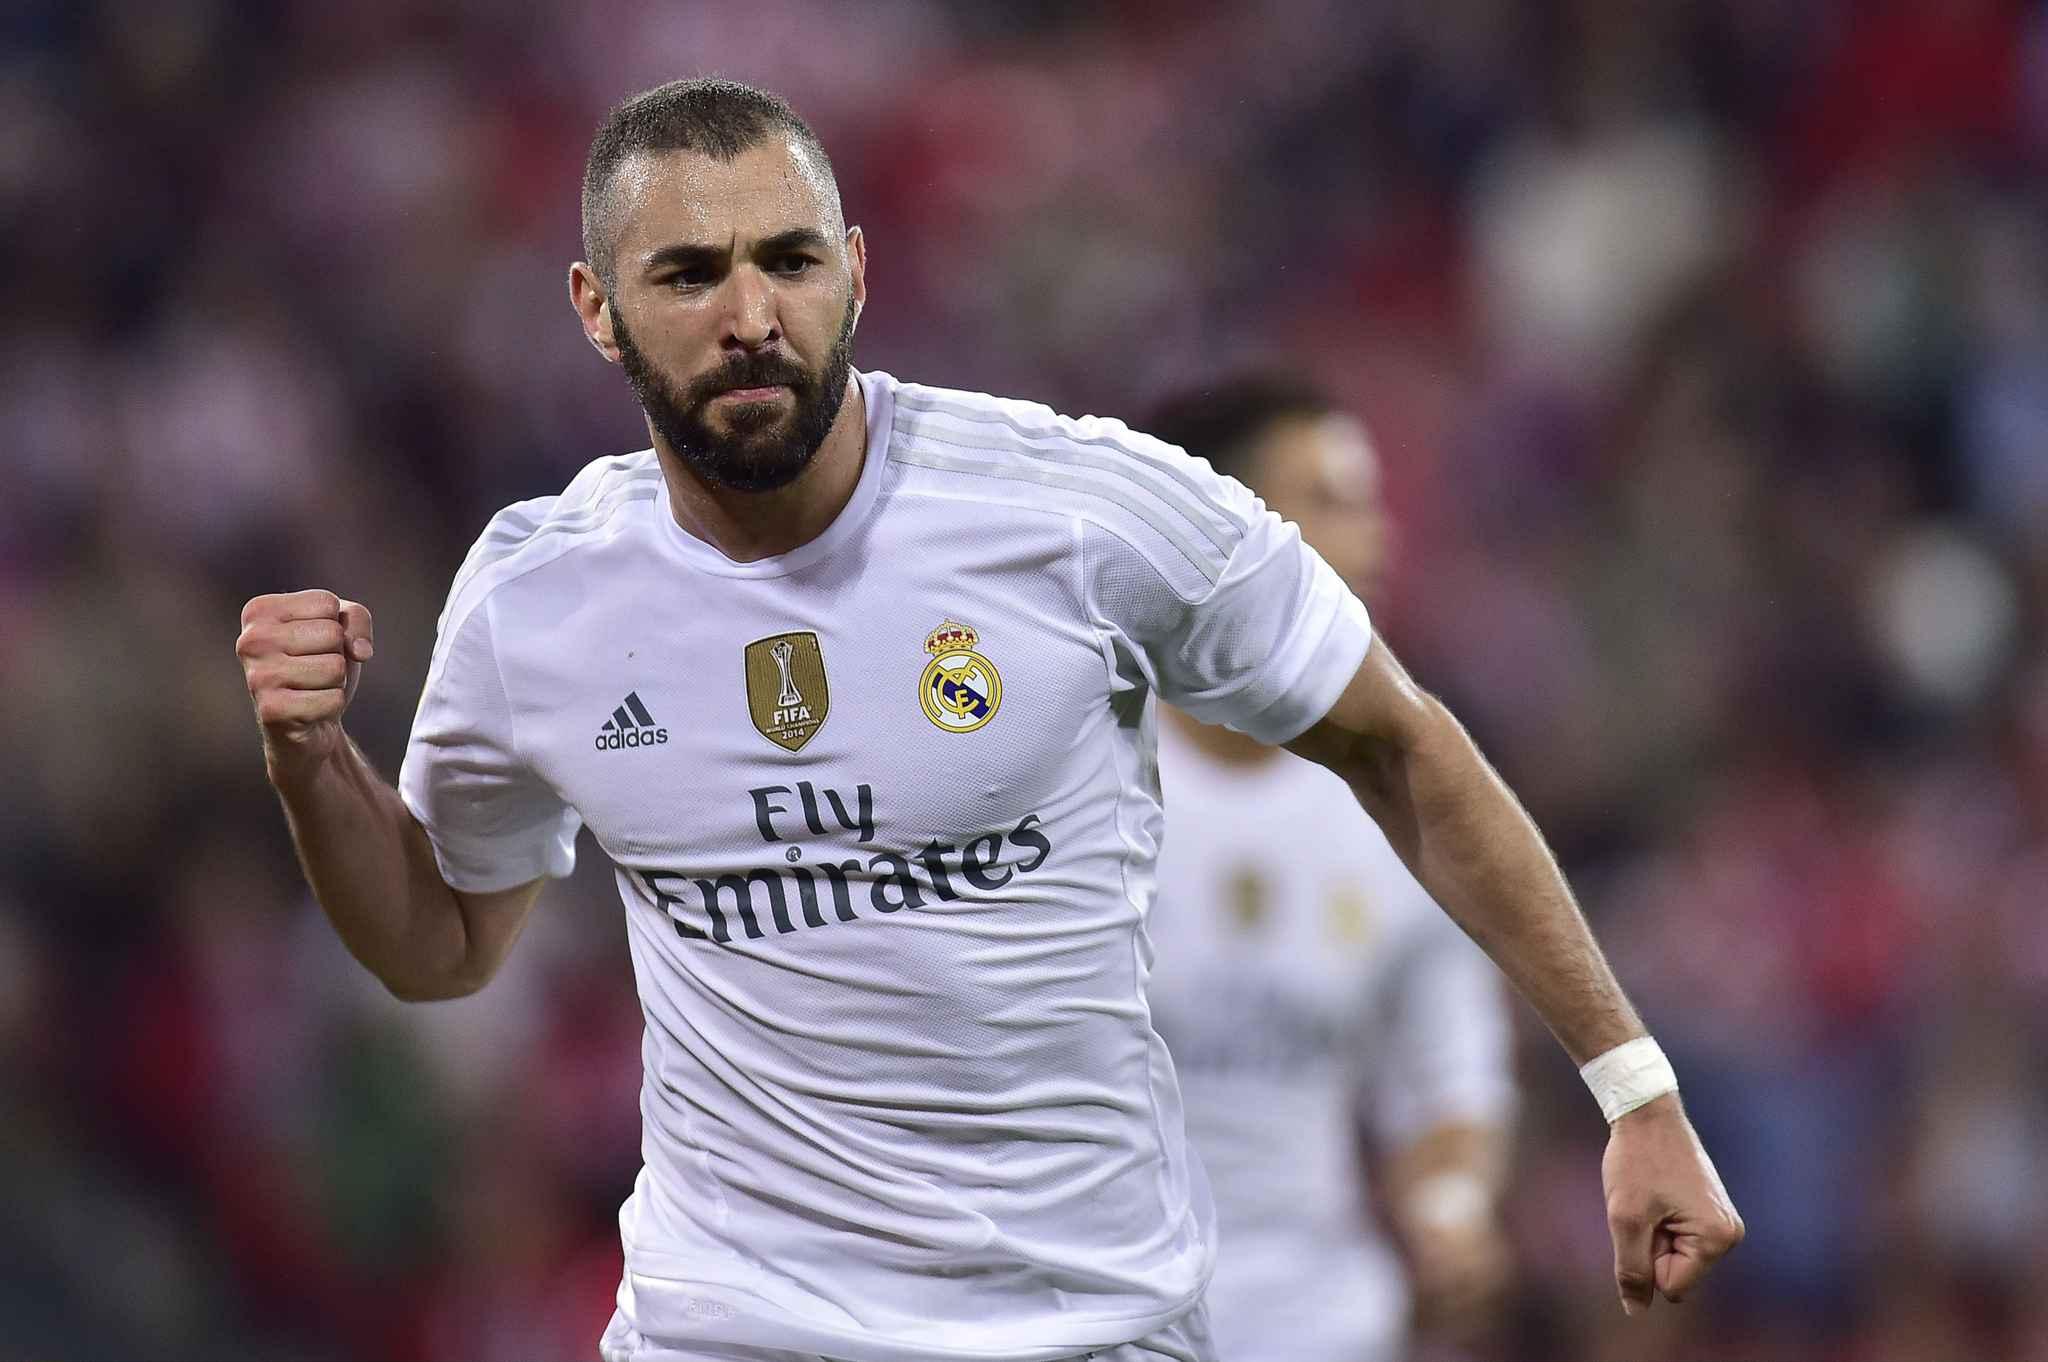 Le but libérateur de Karim Benzema pour le Real Madrid